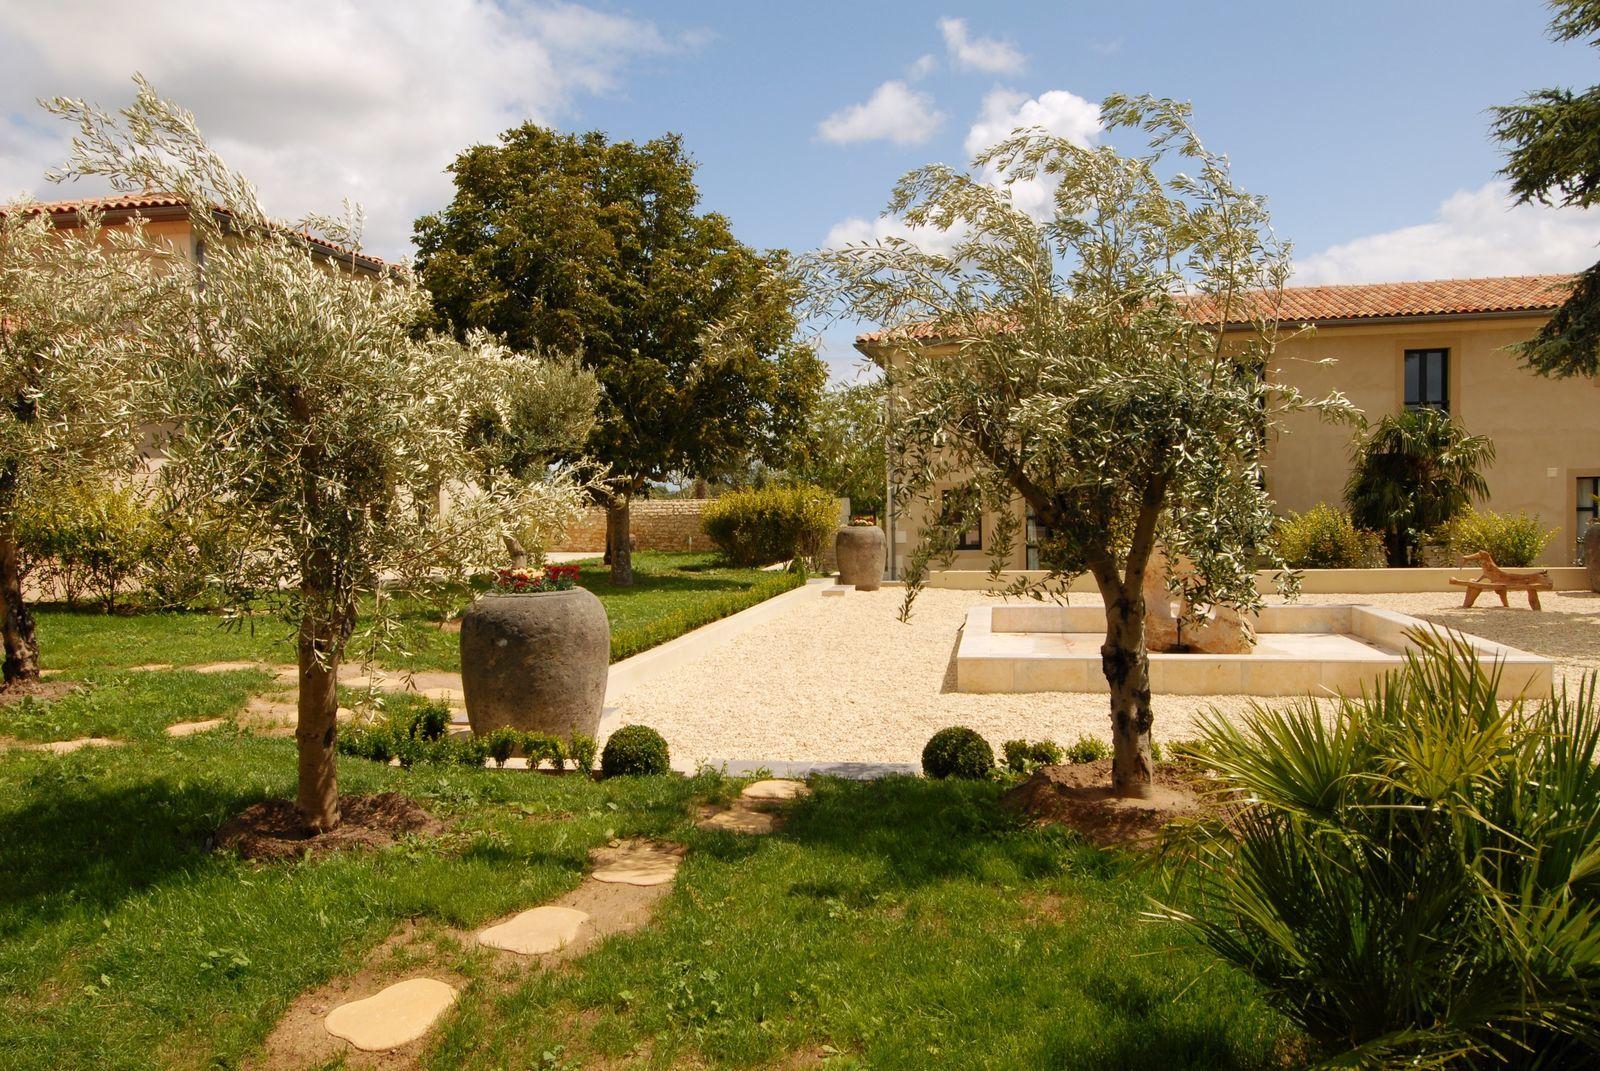 Domaine les Marées - 4. Au Rythme des Marées - vakantiehuizen Frankrijk